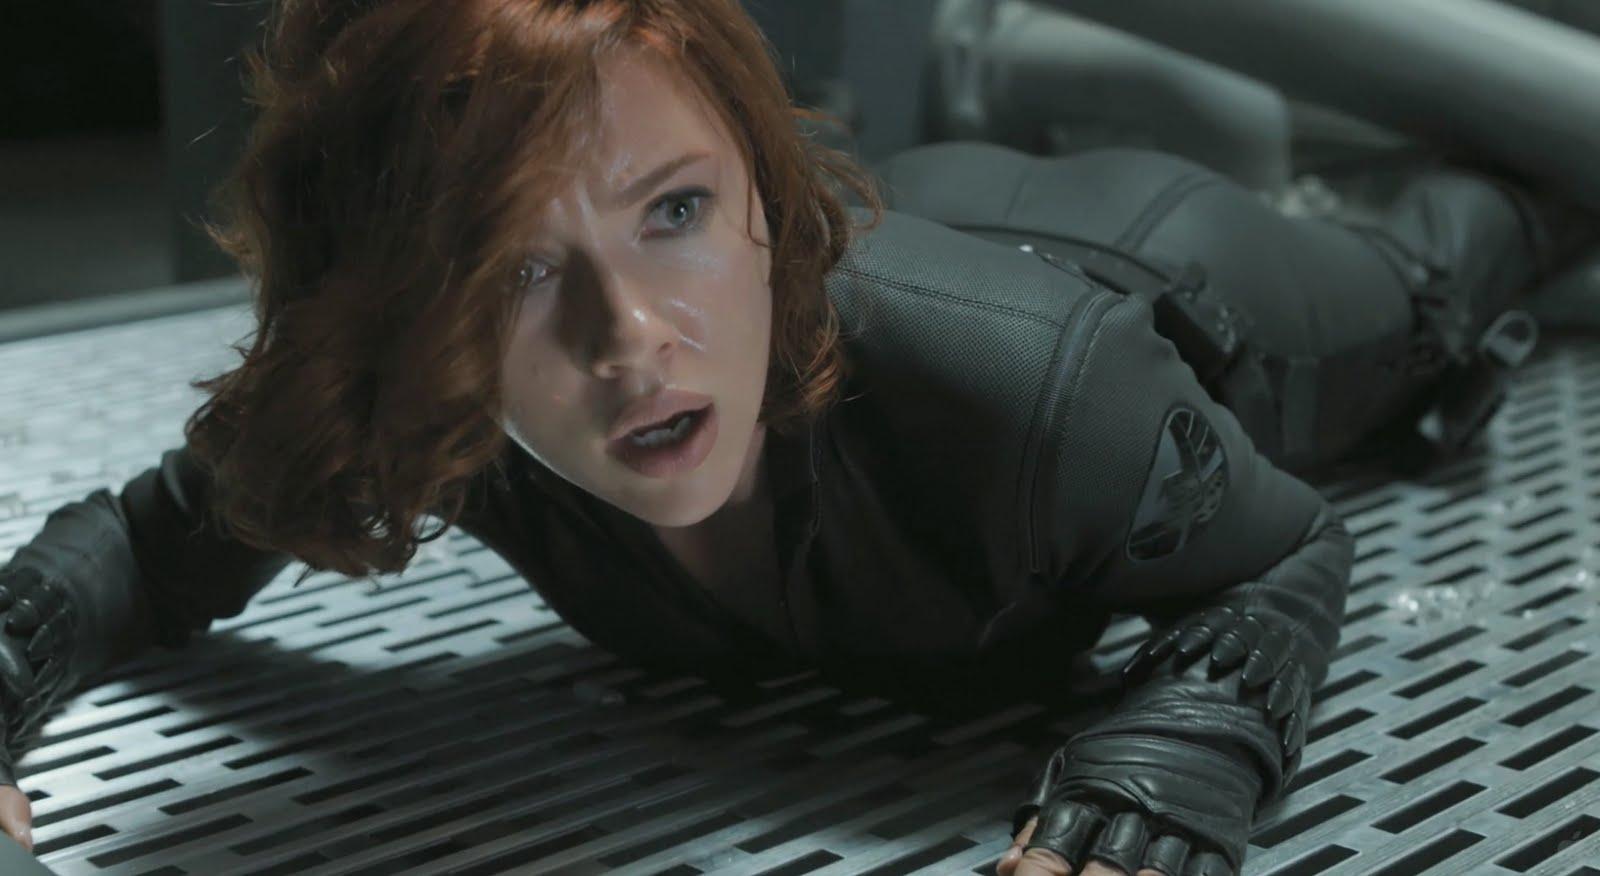 Black Widow : ブラック・ウィドウがブラック・ウィドウとタッグを組む ? ! のかもしれないスピンオフ映画「ブラック・ウィドウ」の撮影隊が、製作拠点のイギリスに舞い戻ったらしいことを、ウワサの二代目のブラック・ウィドウがほのめかしてくれた ! !